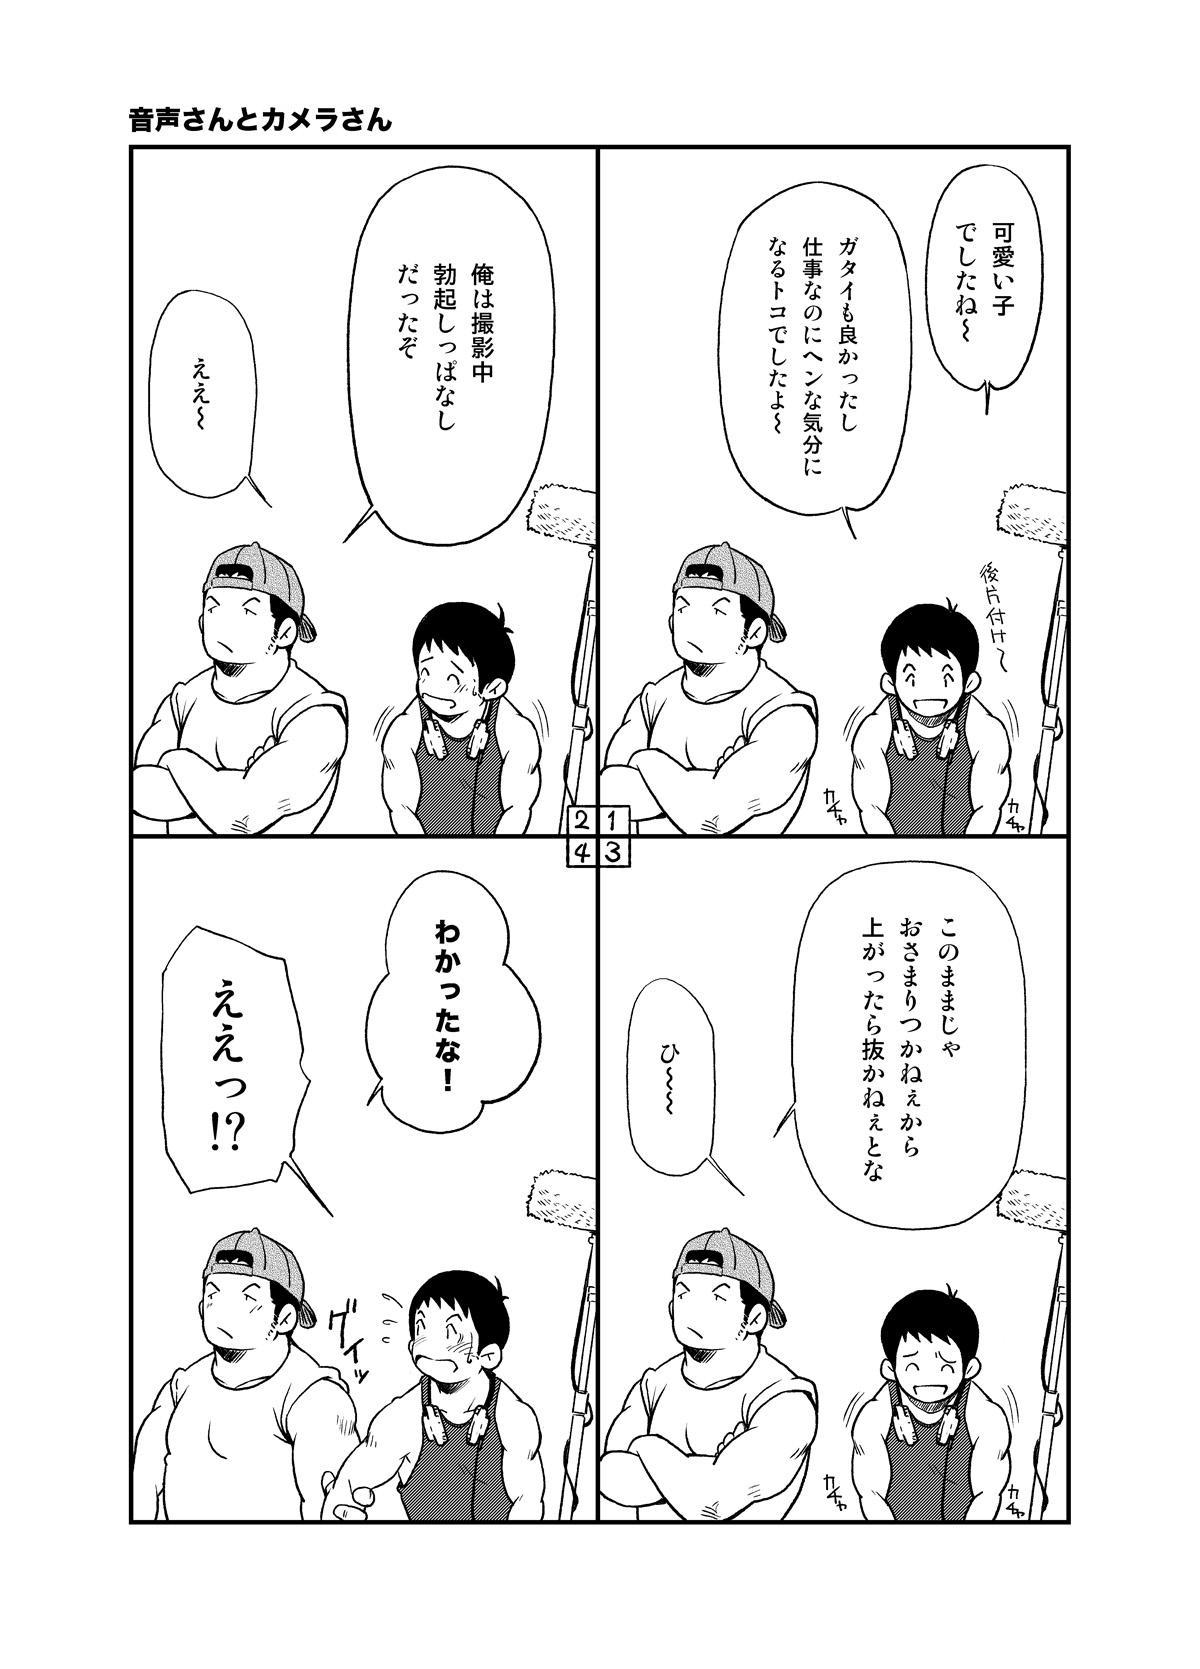 Tadashii Danshi no Kyouren Hou 26